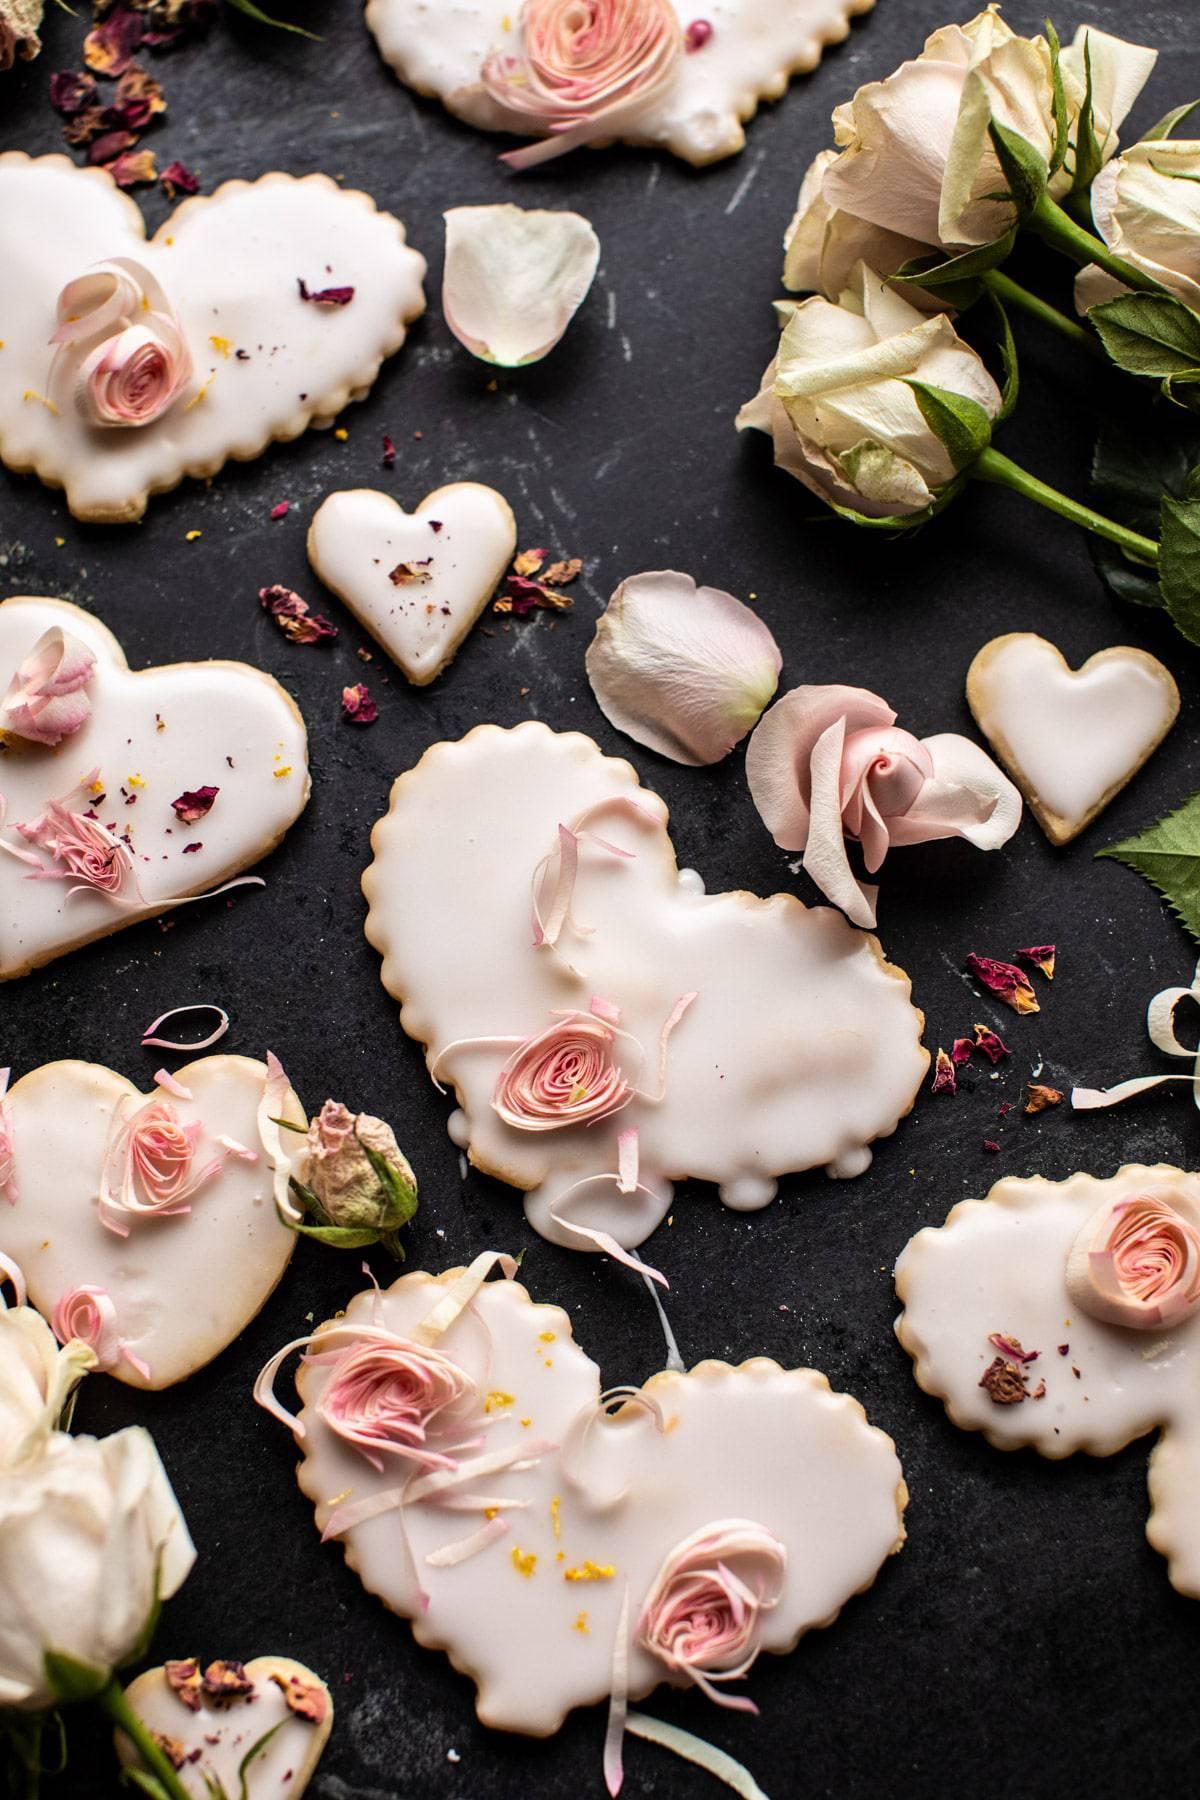 Lemon Rose Shortbread Cookies   halfbakedharvest.com #cookies #valentinesdays #easyrecipes #sugarcookies #dessert